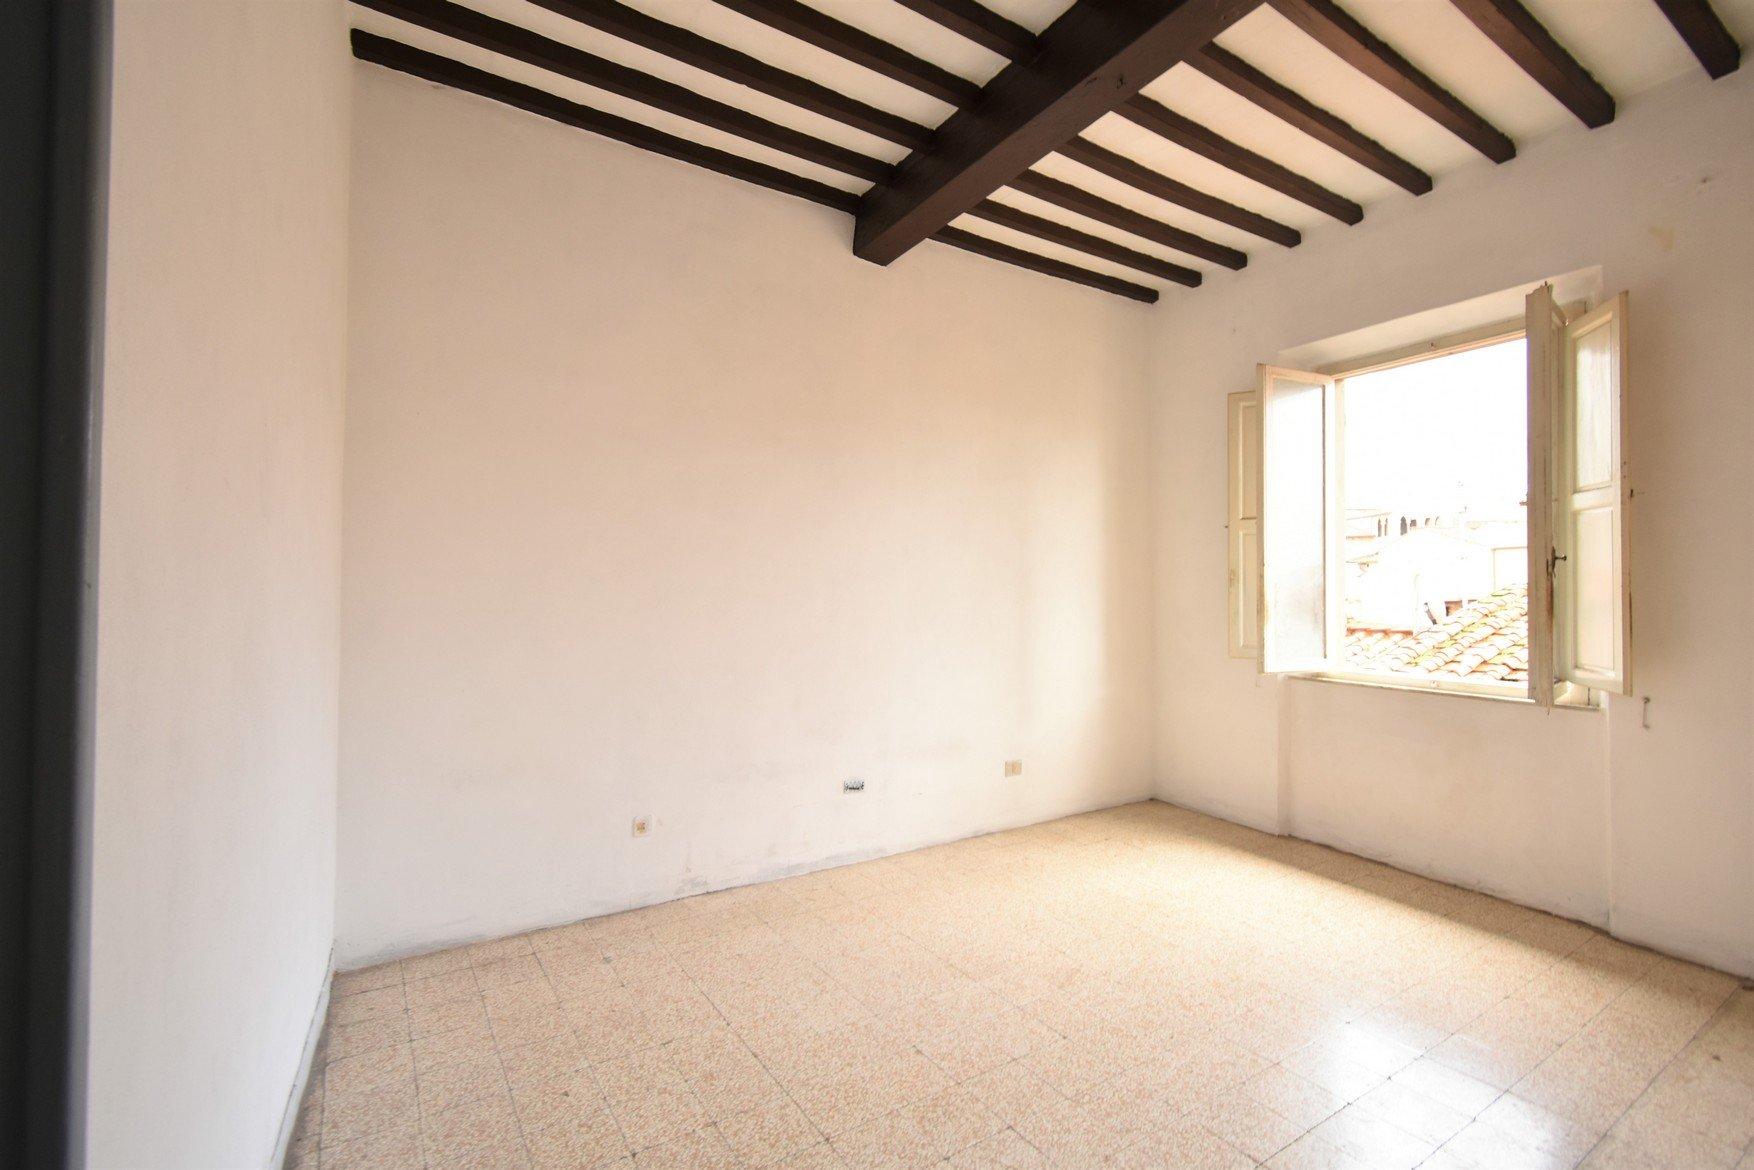 Appartamento luminoso da ristrutturare con balcone – San Martino, centro storico, Pisa